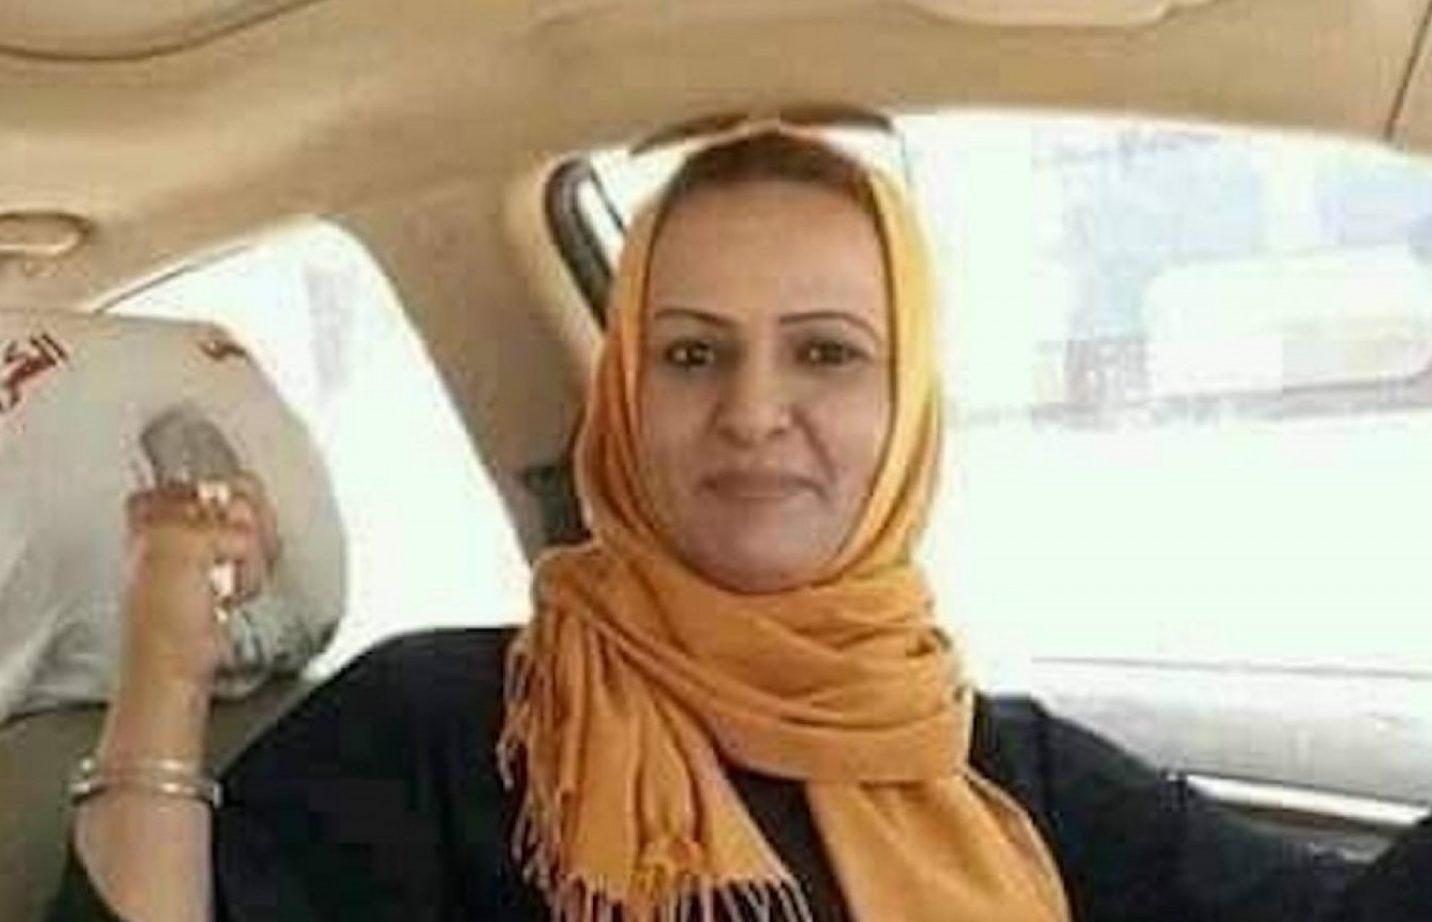 Libye : Une avocate militante des droits humains abattue en pleine rue à Benghazi